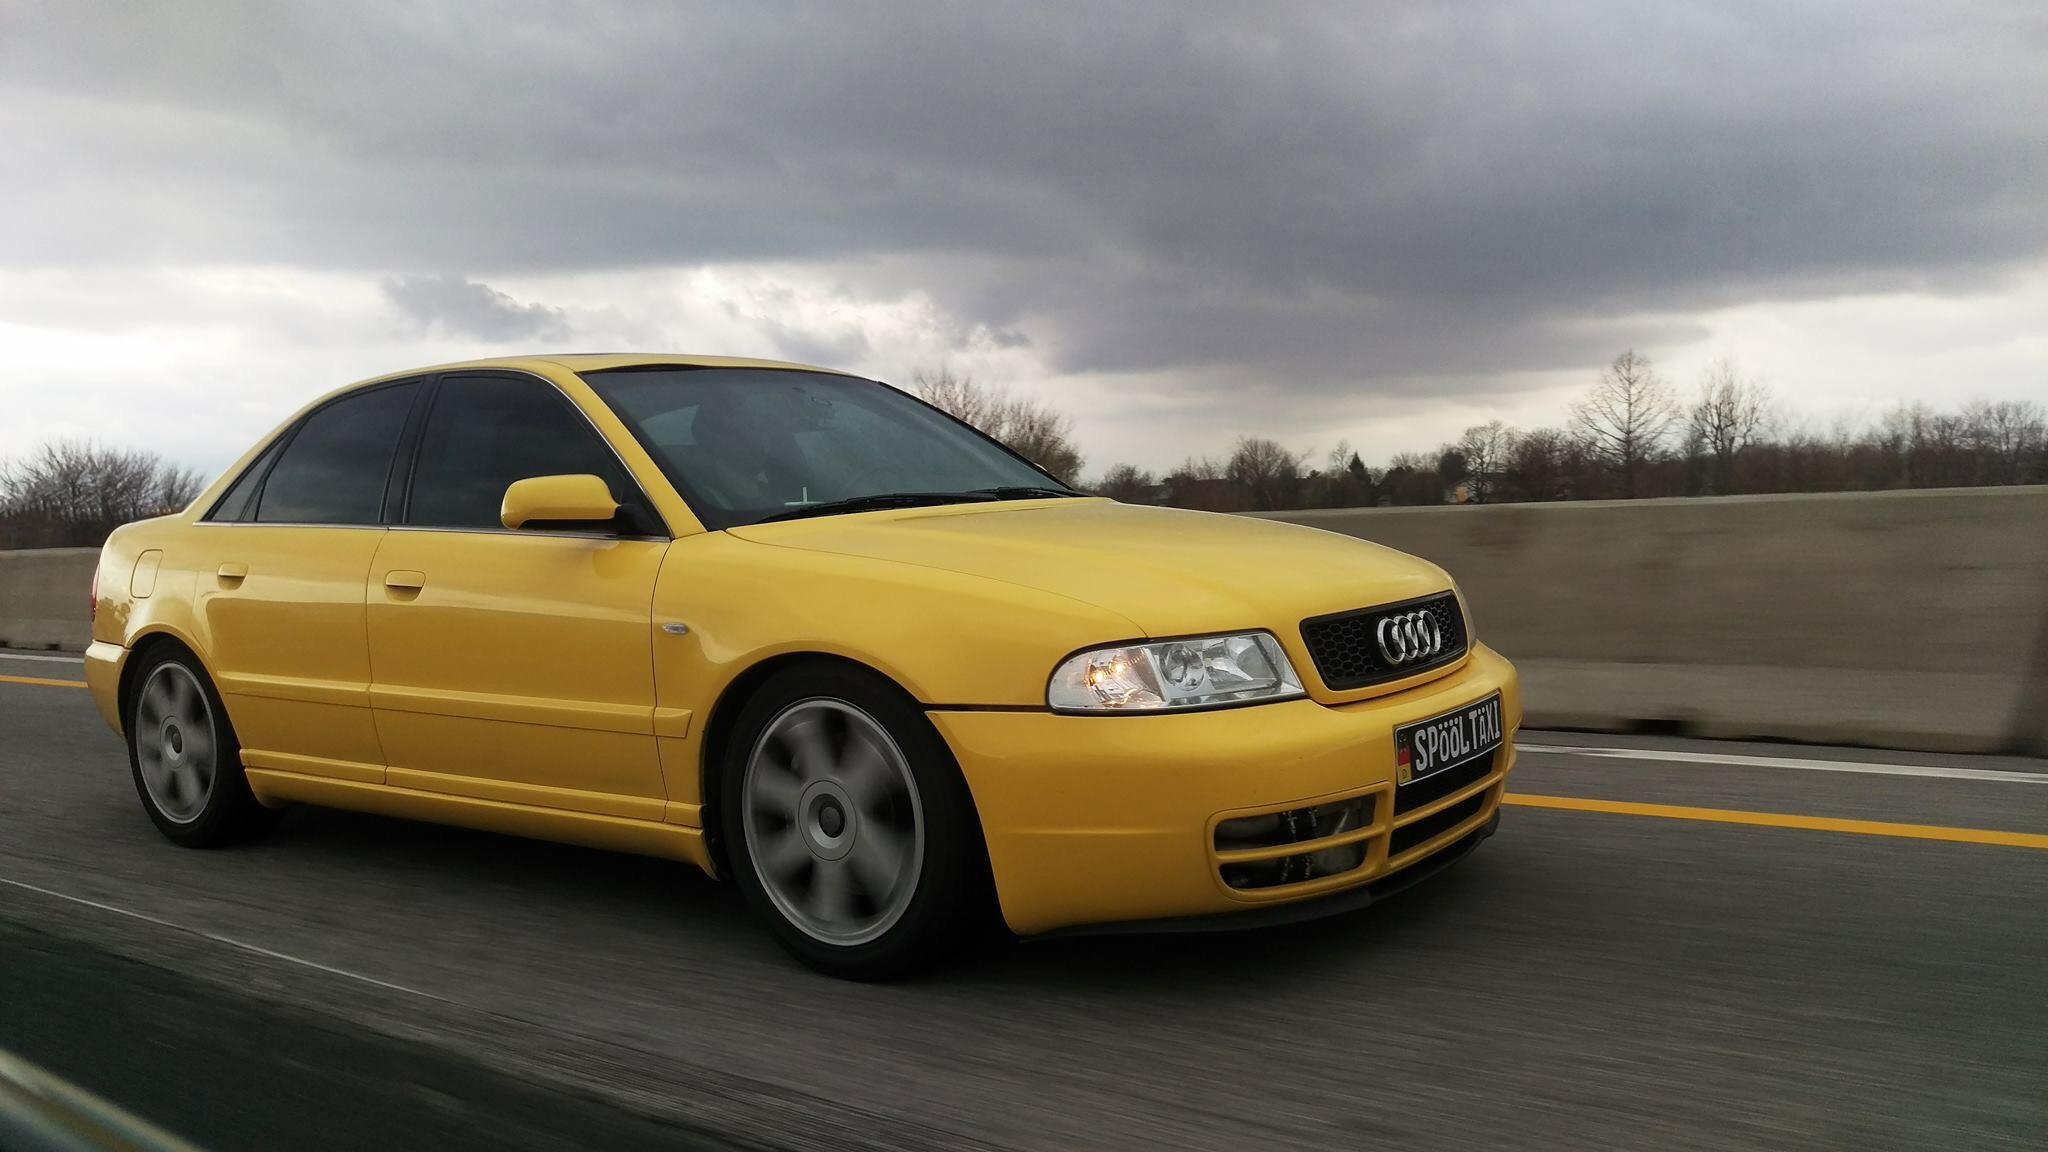 Audi S - 2001 audi s4